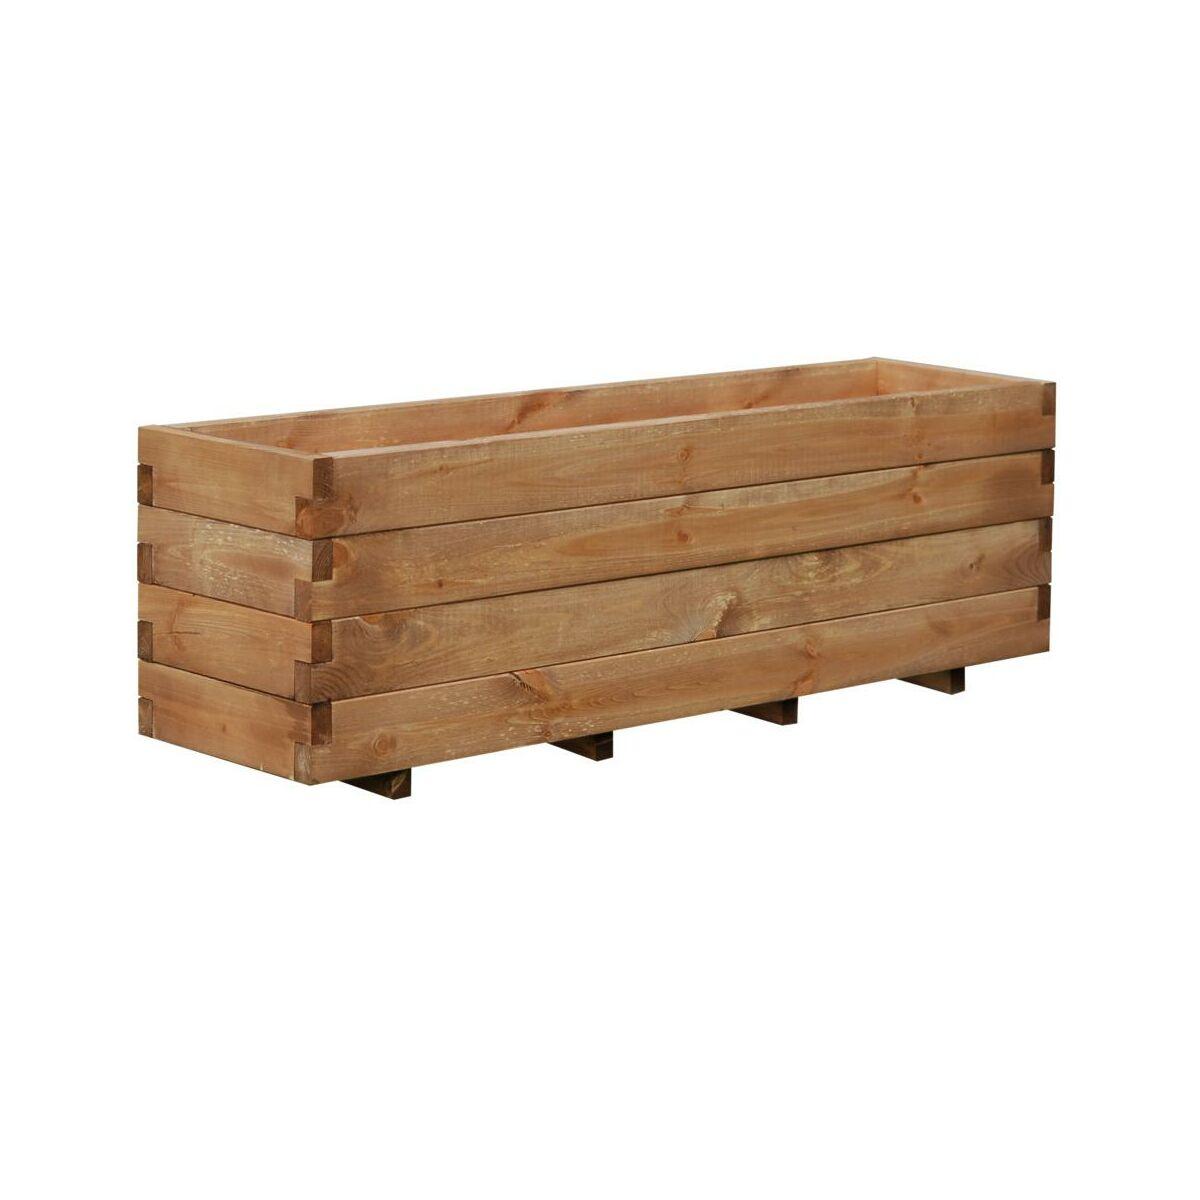 Donica Ogrodowa 124 X 31 Cm Drewniana Brązowa Domino Werth Holz